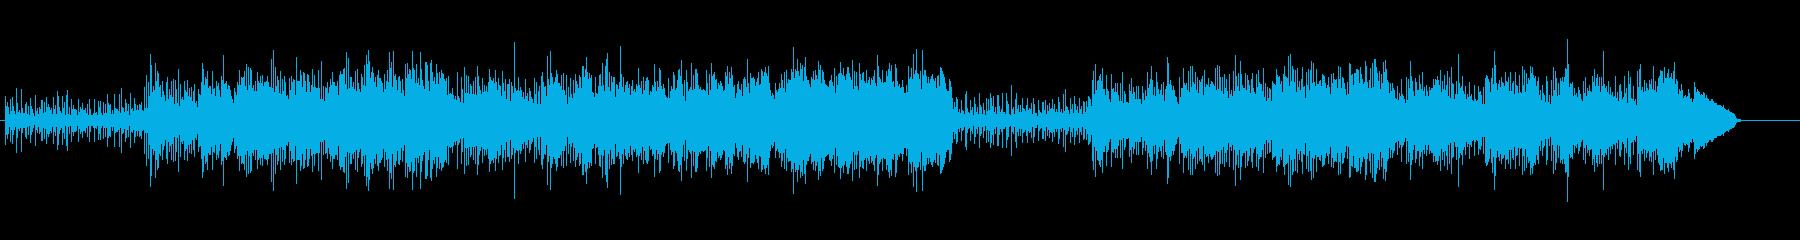 カリブっぽい乾いたシンセのフュージョンの再生済みの波形